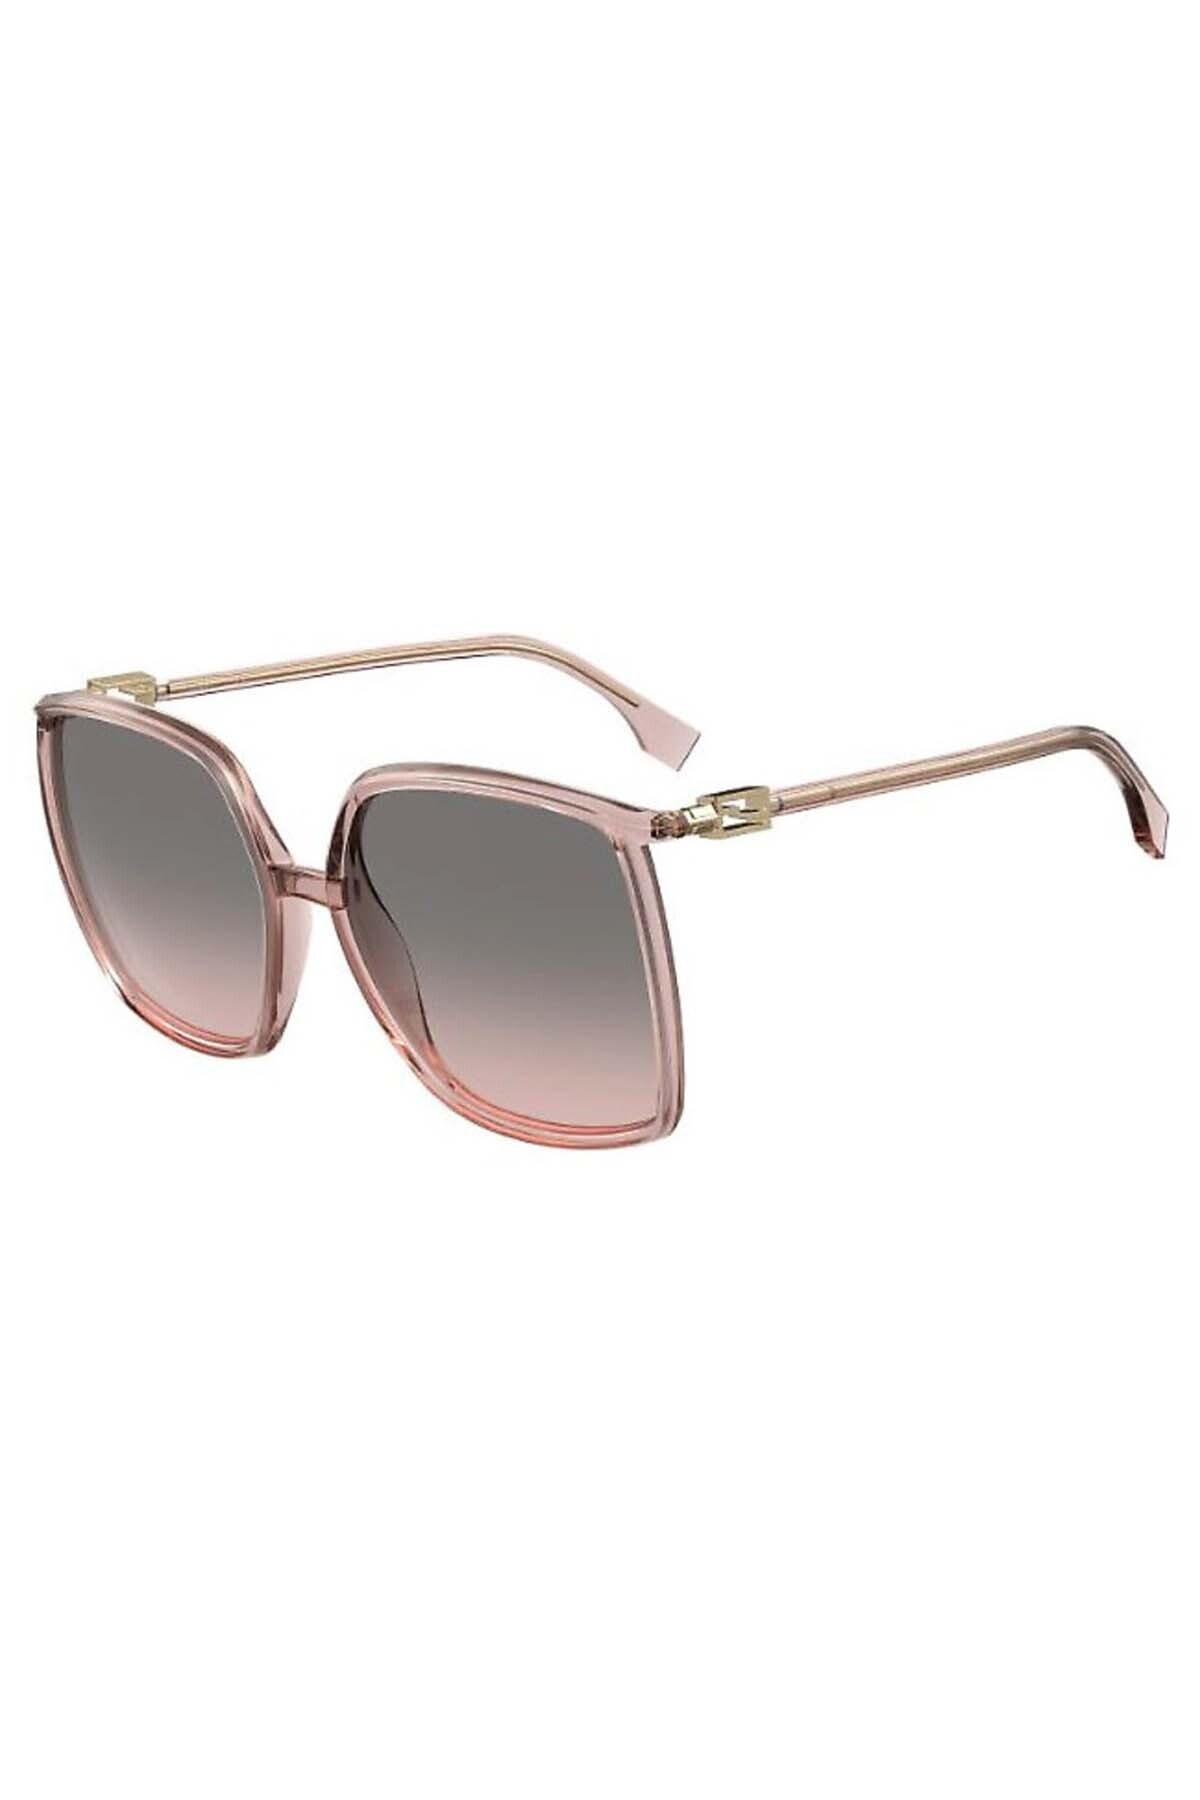 فروشگاه عینک آفتابی زنانه سال ۹۹ برند Fendi رنگ صورتی ty68003917